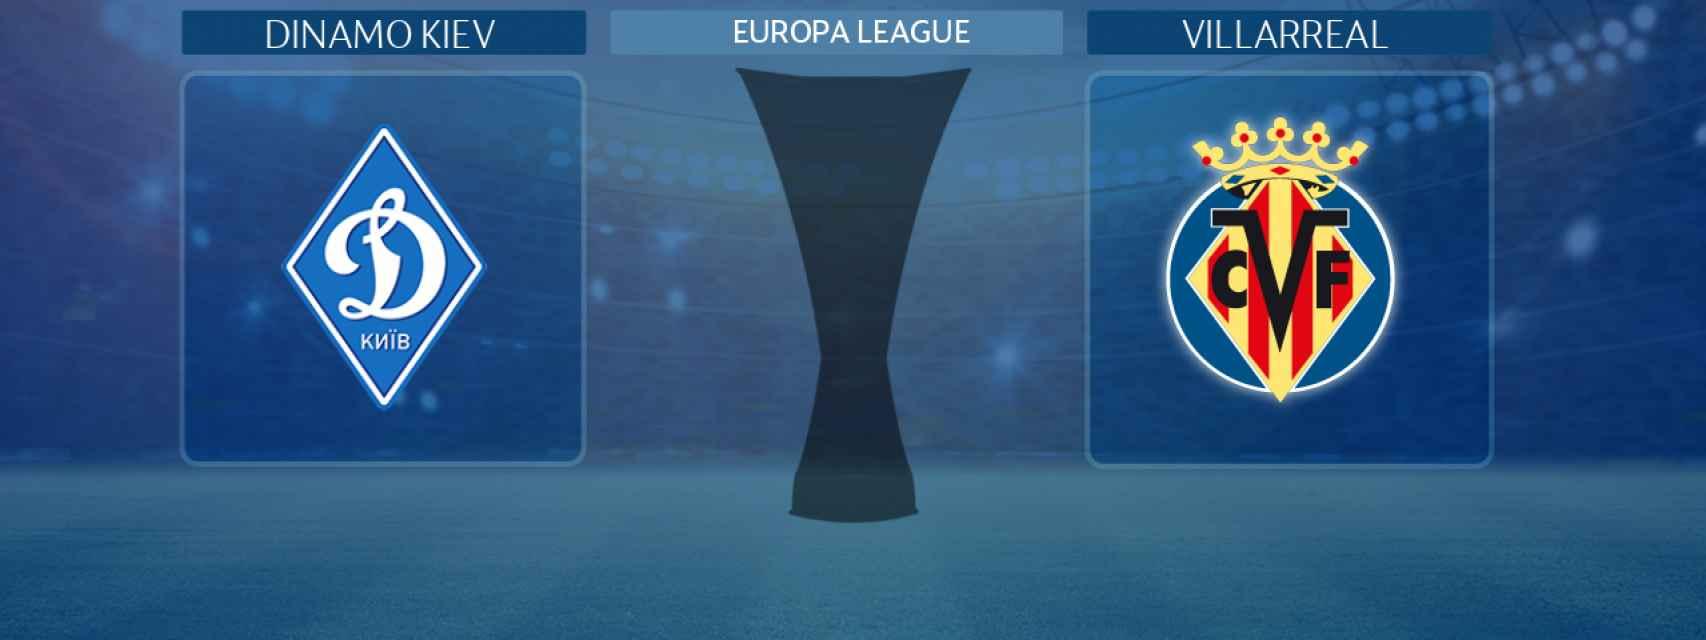 Dinamo Kiev - Villarreal, partido de la Europa League